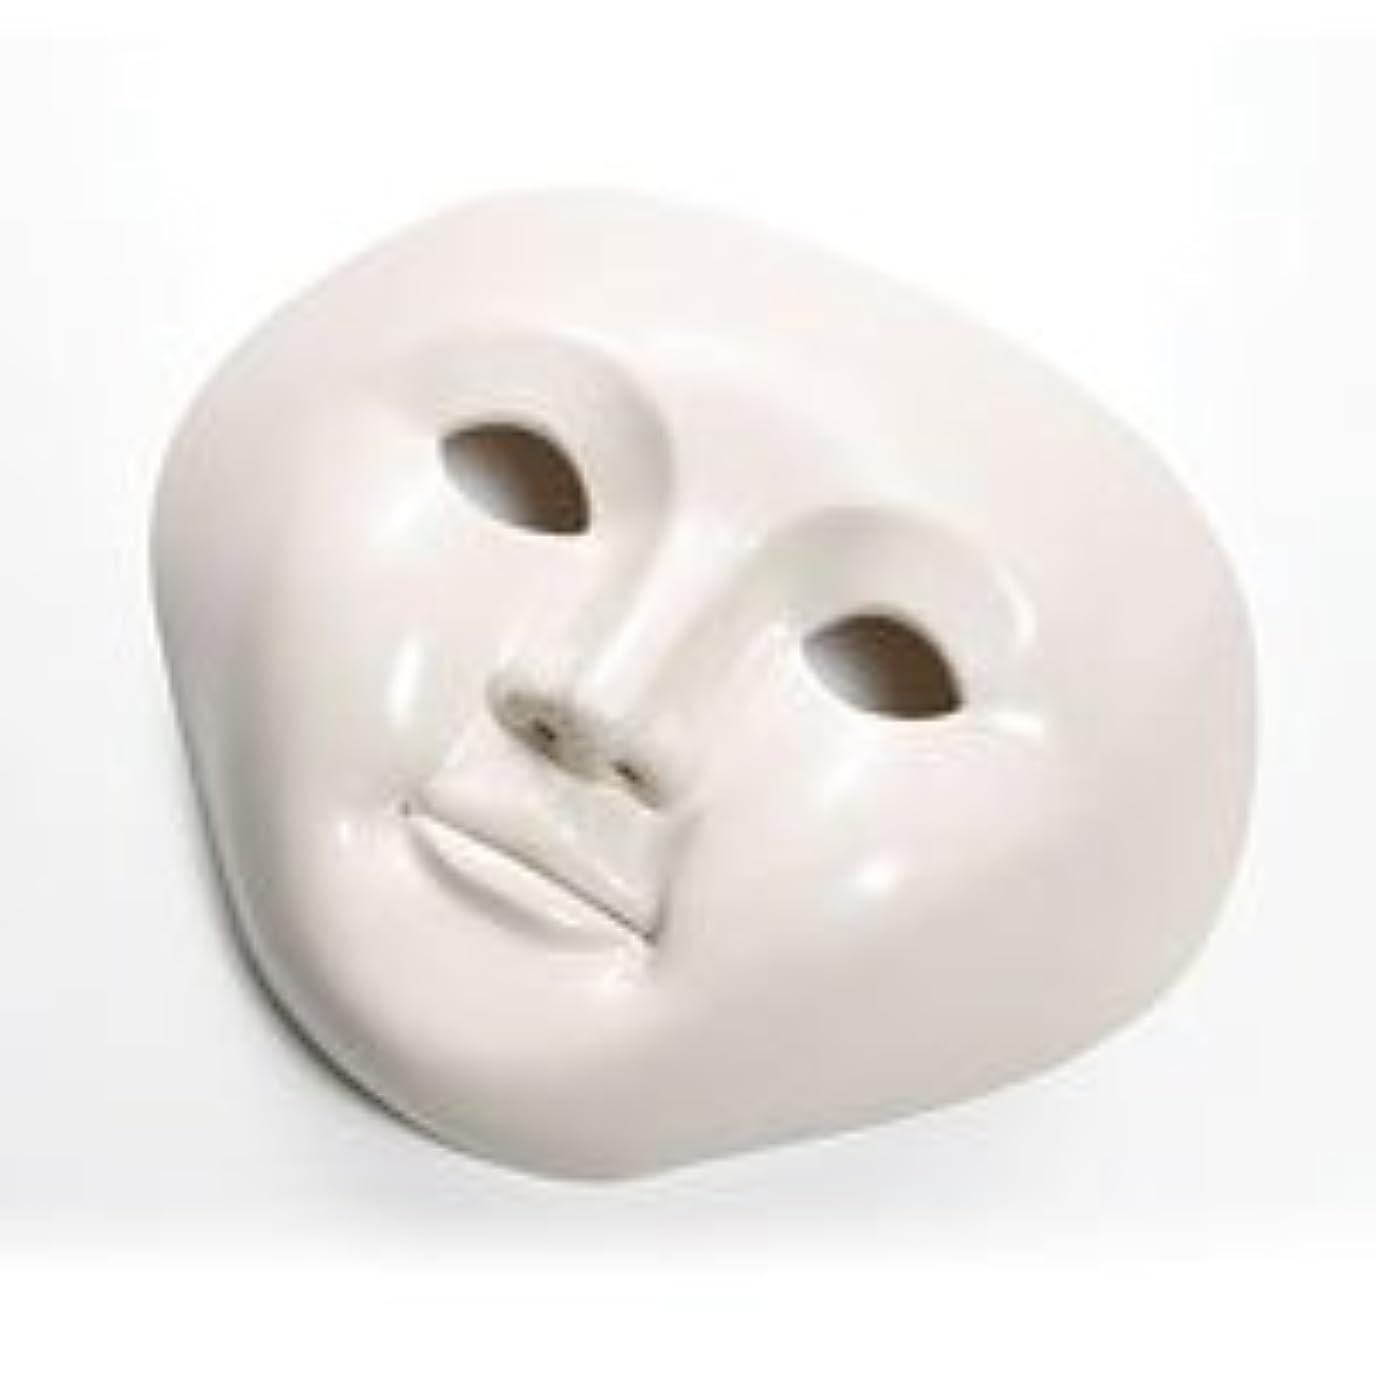 プラカード真鍮代わりに湯の花美人 【ラジウムの美顔マスク】